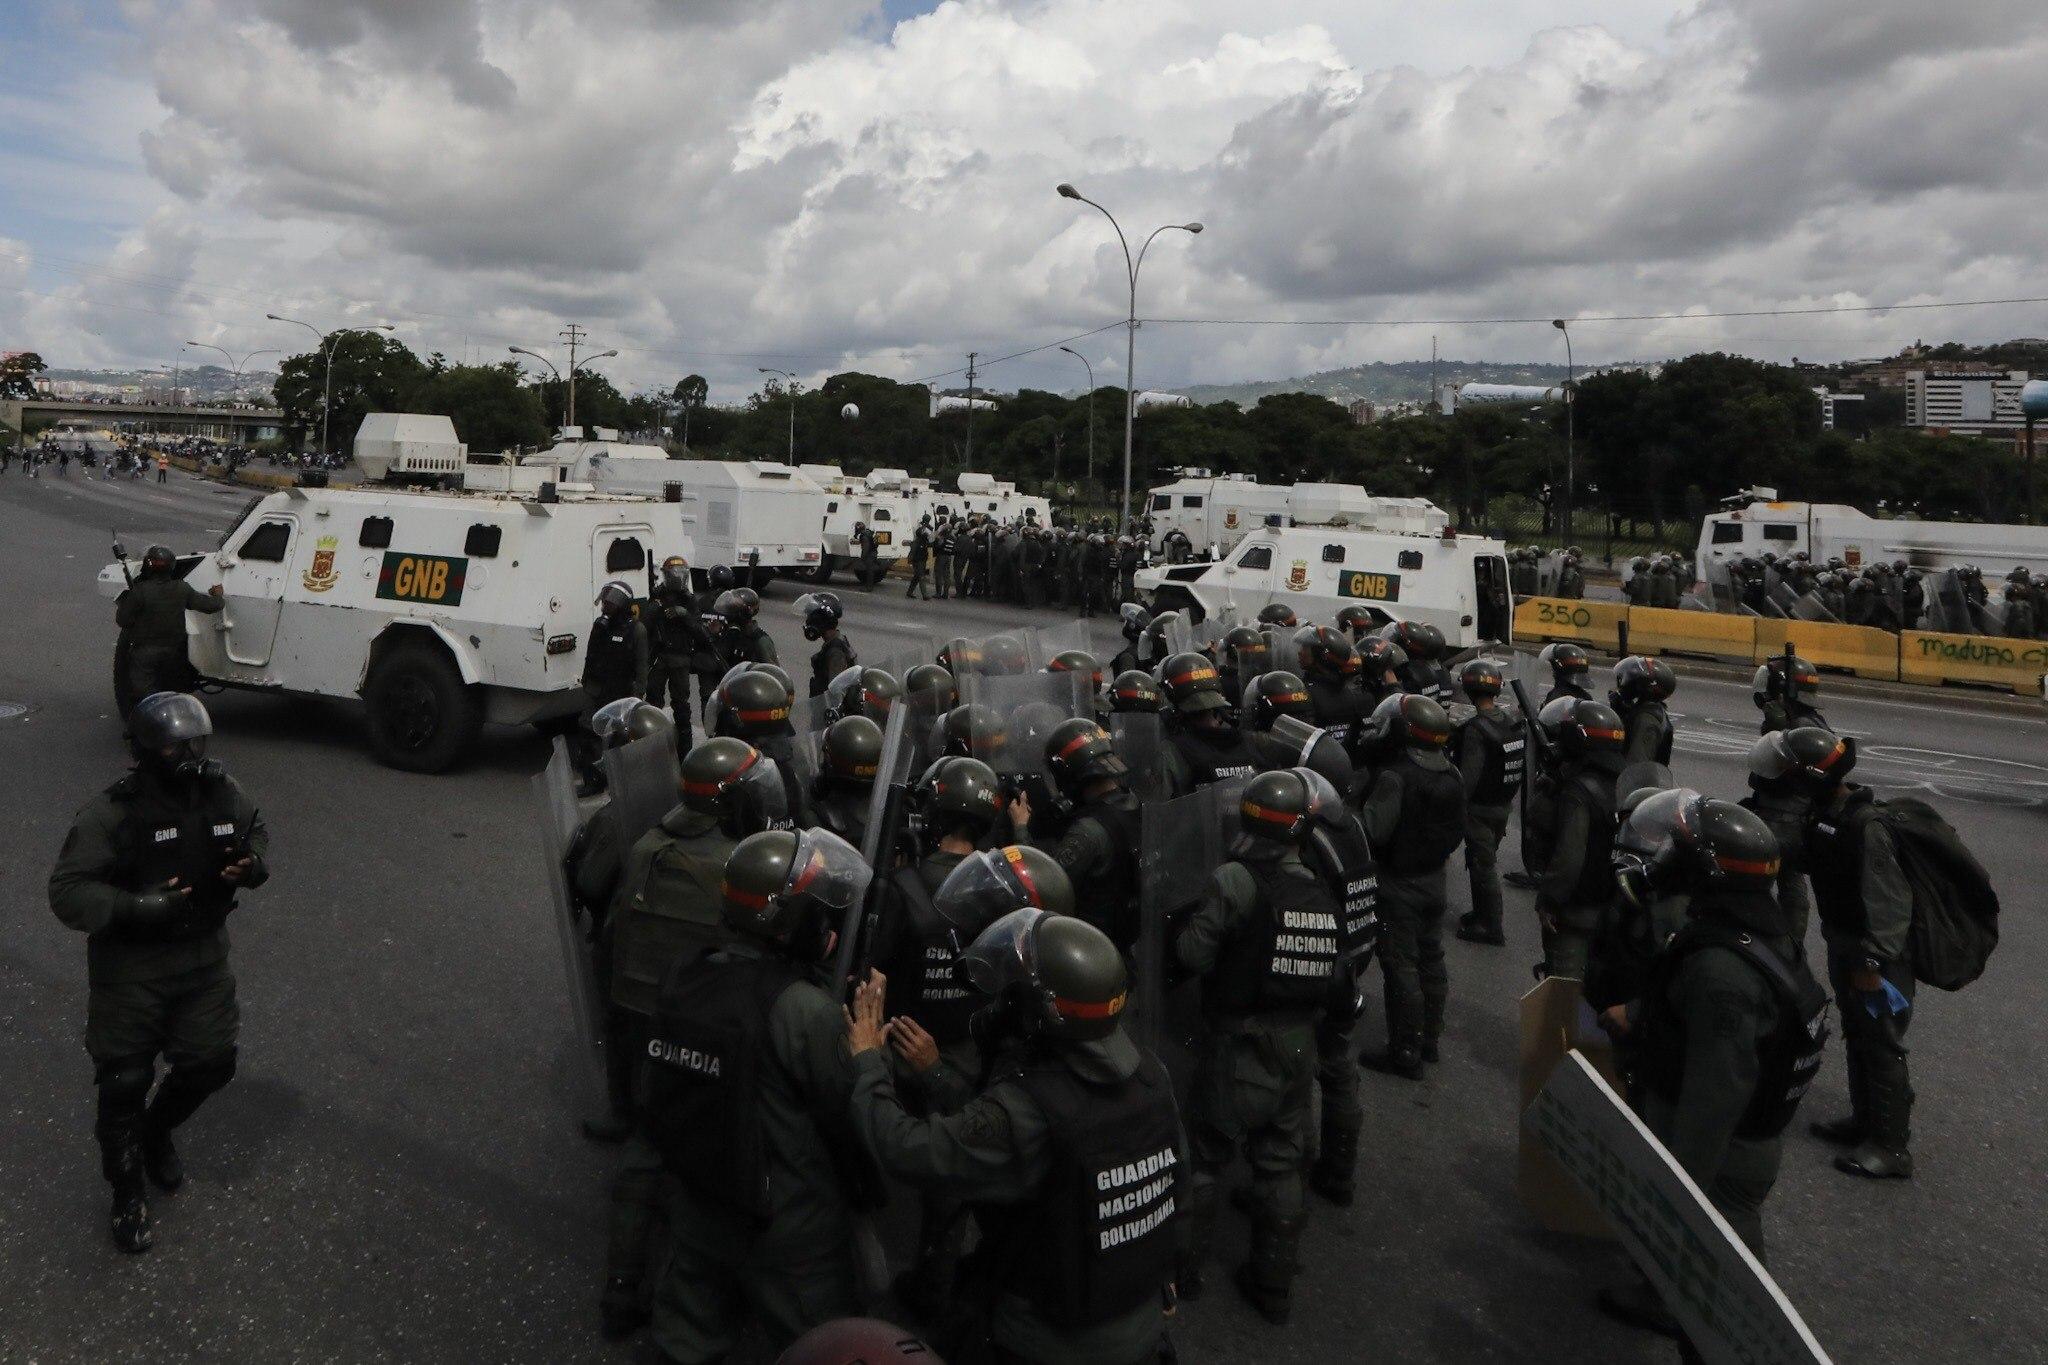 CAR001. CARACAS (VENEZUELA), 19/04/2017.- Miembros de la Guardia Nacional (GNB) intentan detener una manifestación opositora hoy, lunes 19 de junio de 2017, en Caracas (Venezuela). Los cuerpos de seguridad del Estado venezolanos dispersaron hoy con gases lacrimógenos y chorros de agua las marchas de los opositores al Gobierno que salieron desde varios puntos de Caracas e intentaban movilizarse hasta la sede del Consejo Nacional Electoral (CNE), en el centro de la capital. EFE/Miguel Gutiérrez